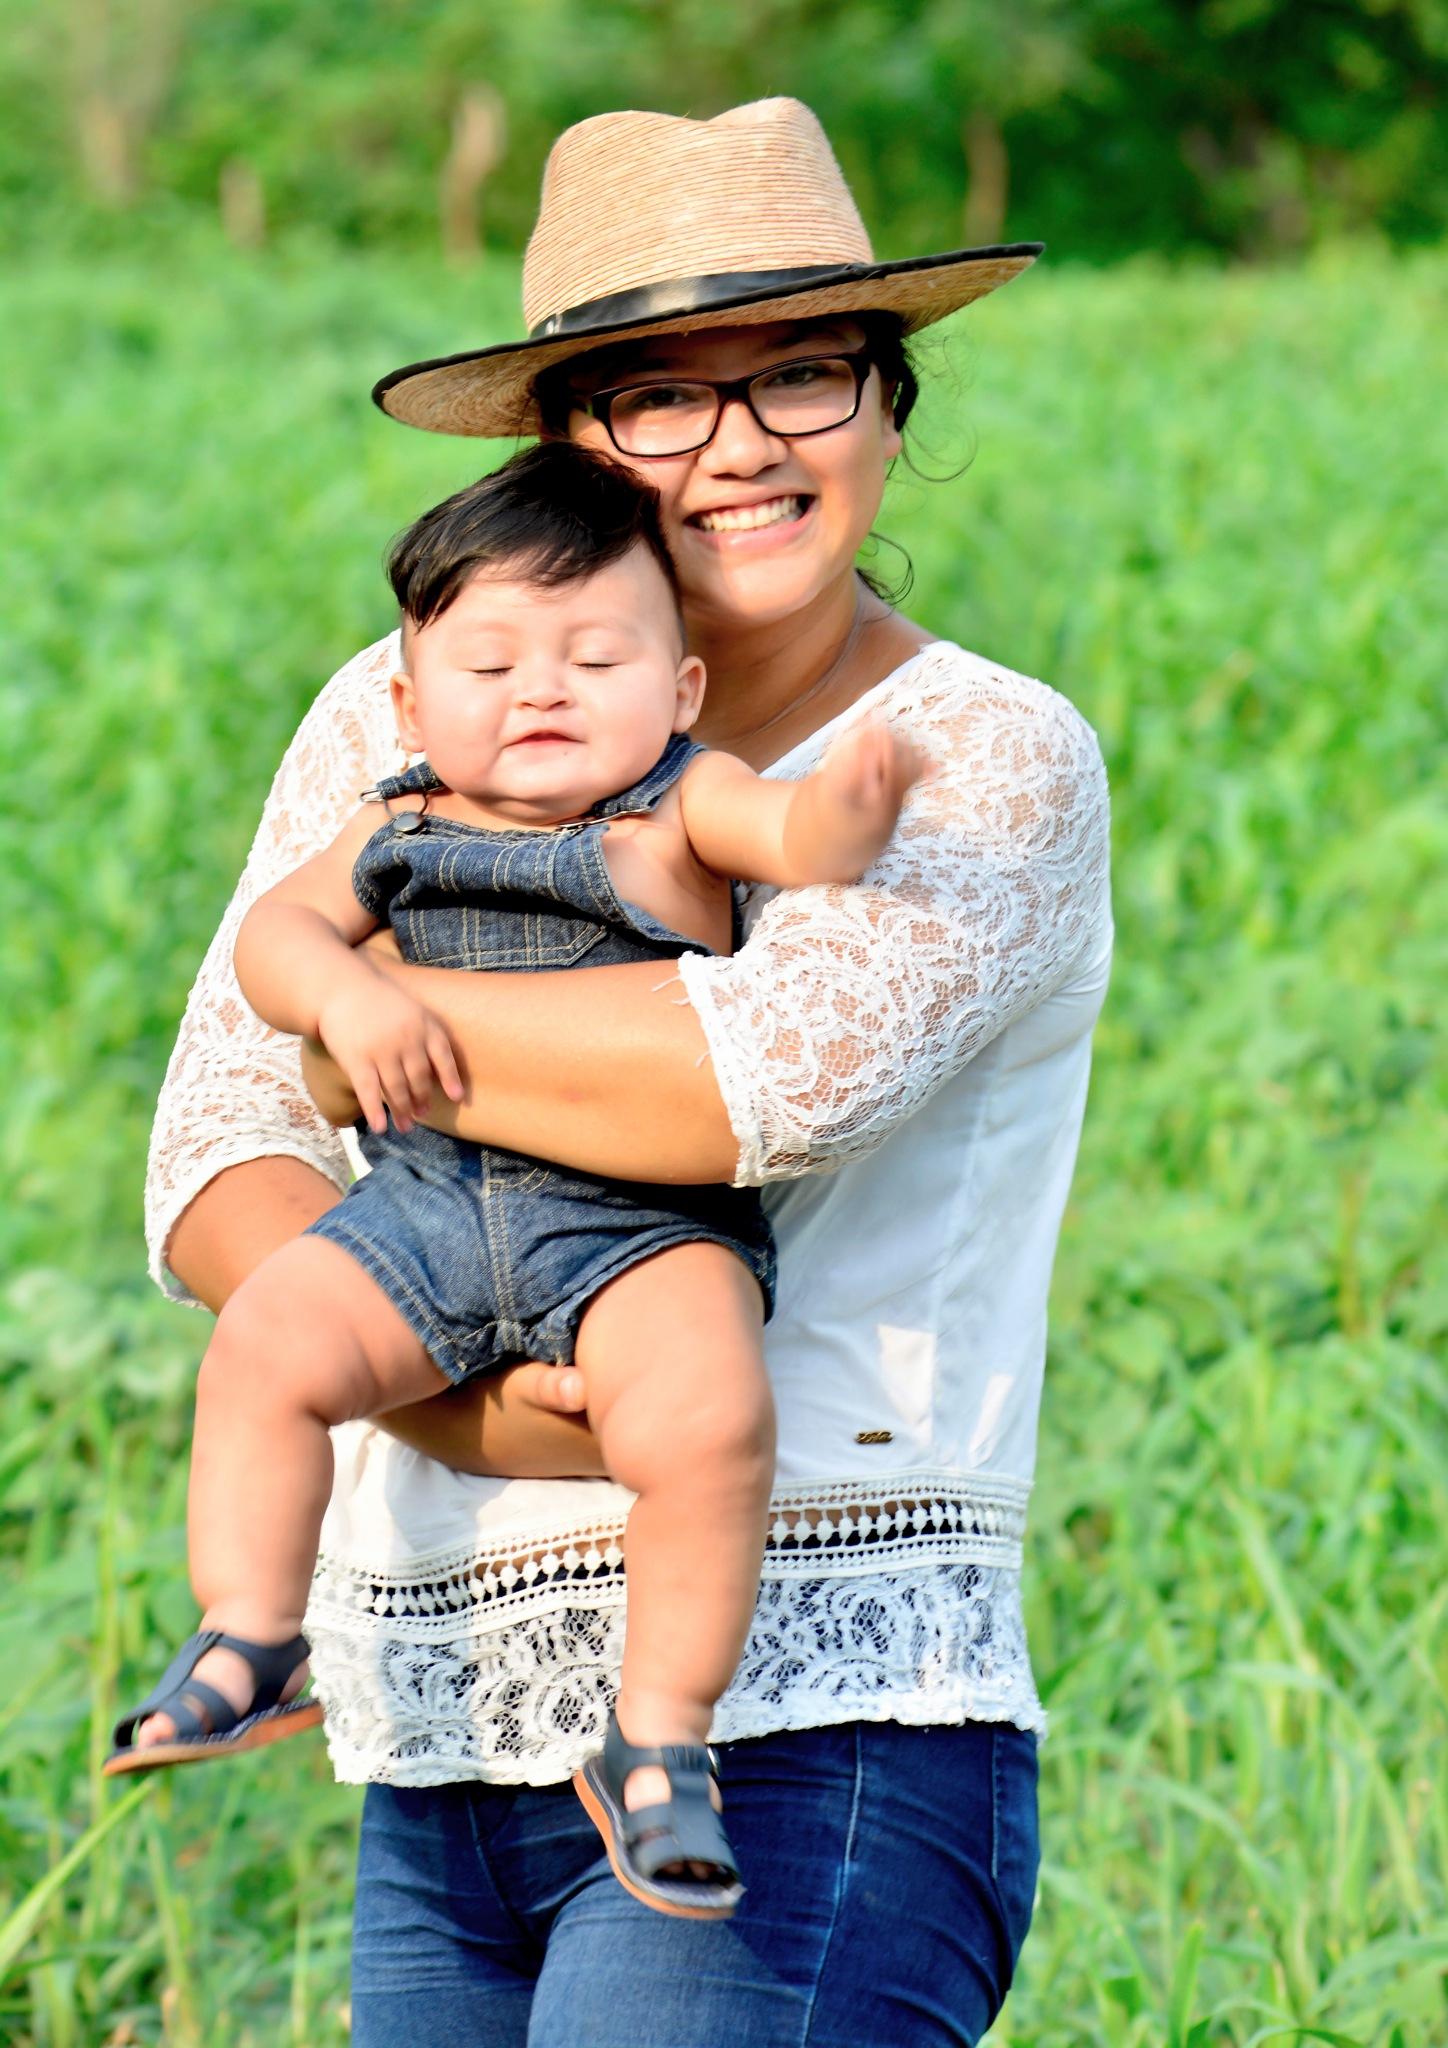 HappyMom by Ady Bautista Fotografía